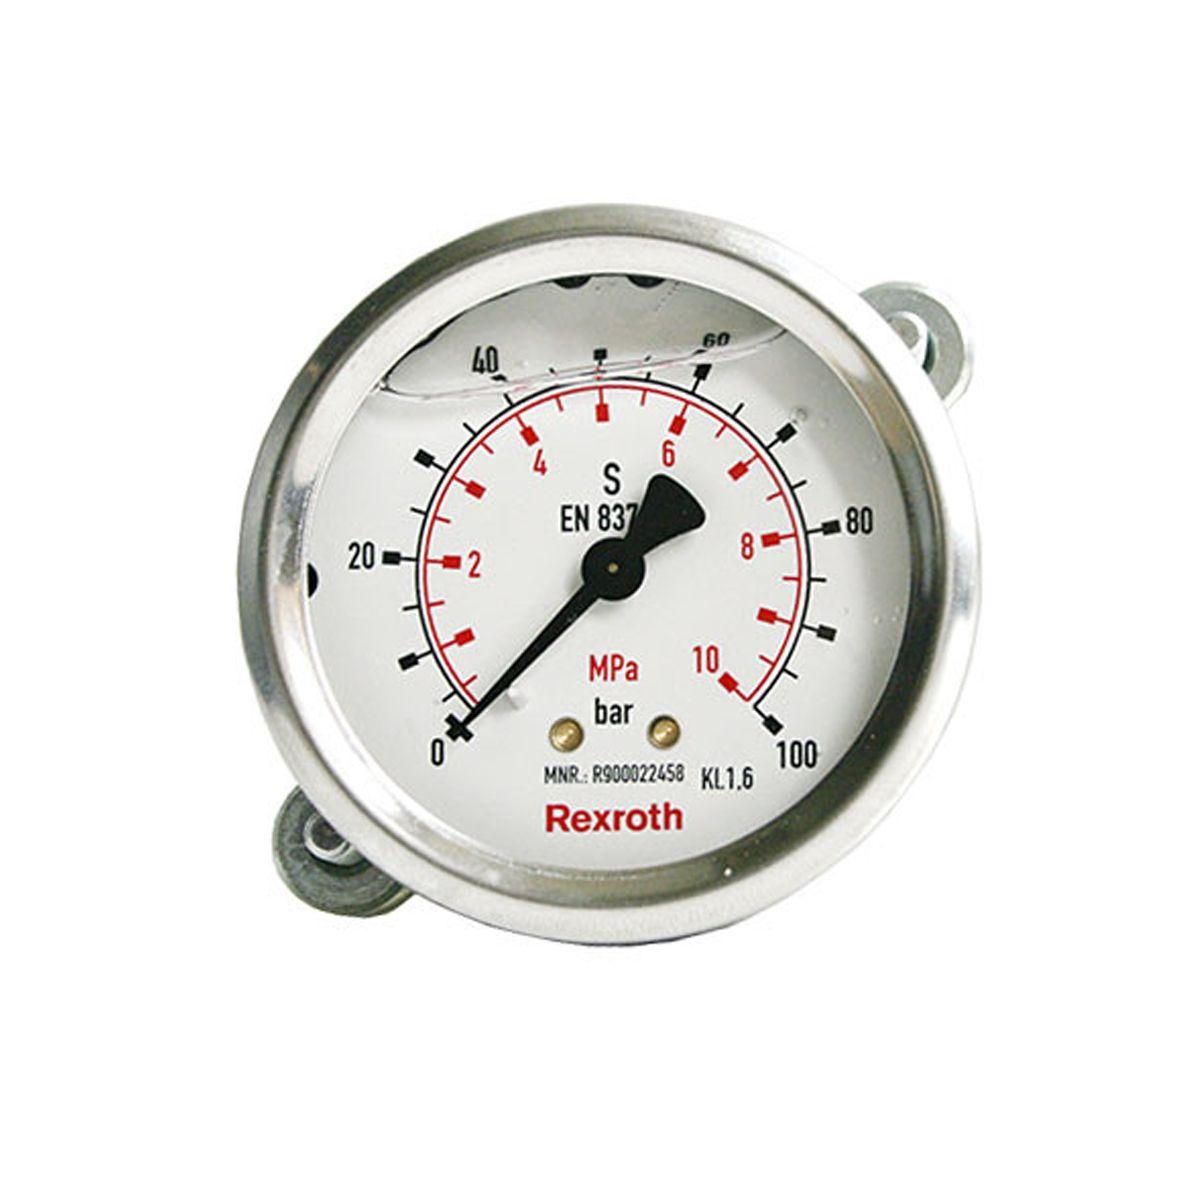 Manómetro para hidráulica de la marca Bosch Rexroth